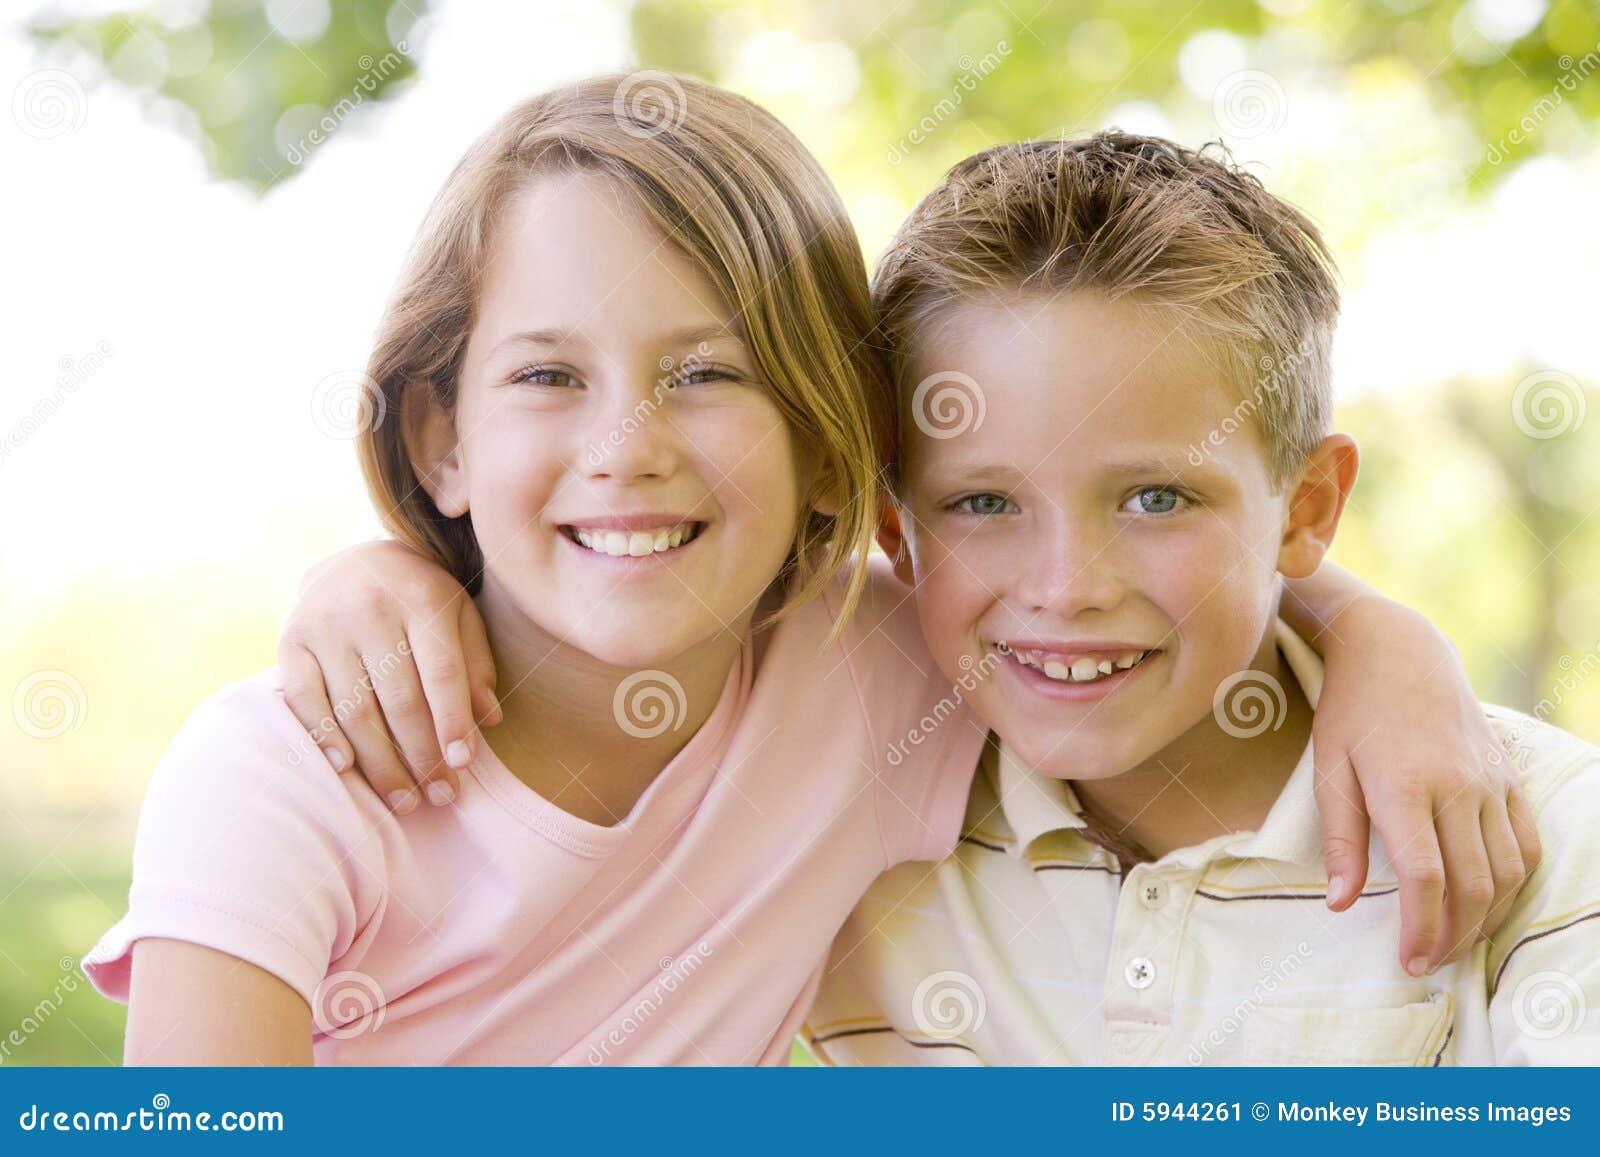 Секс домашный брат с сестрой 14 фотография